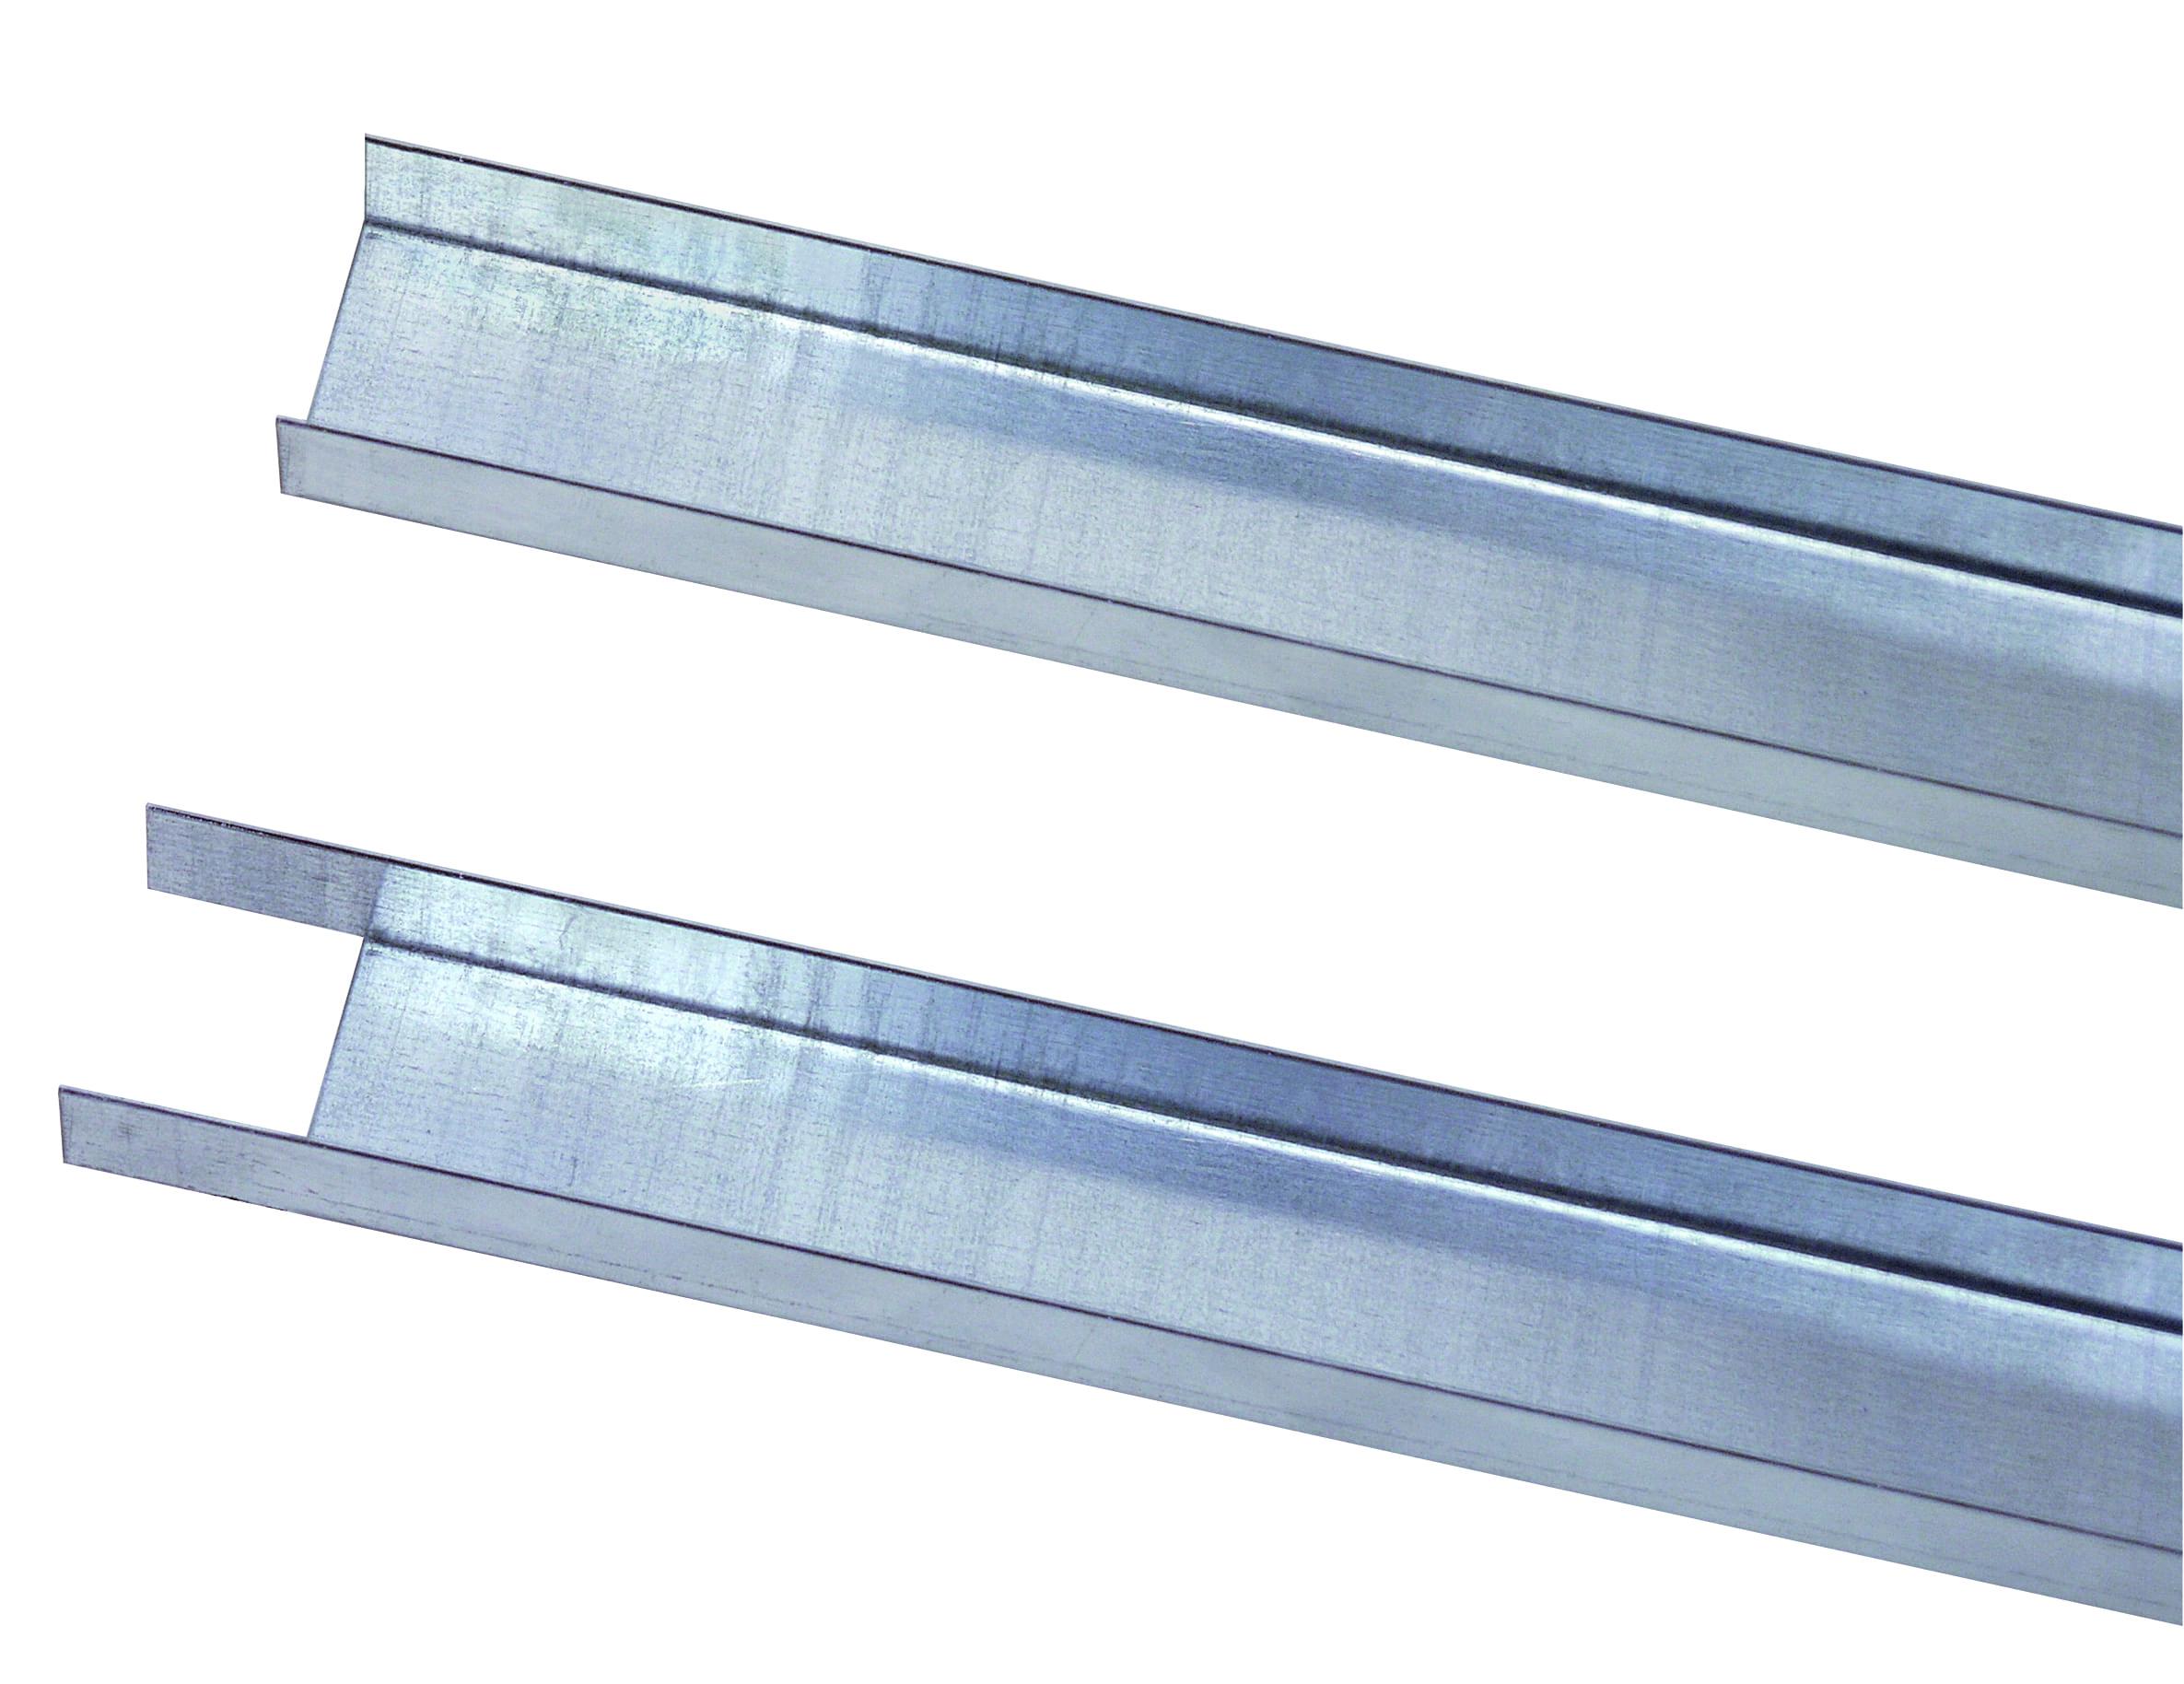 Füllleiste 1000 mm – für Einsatz mit Fachbodenträger